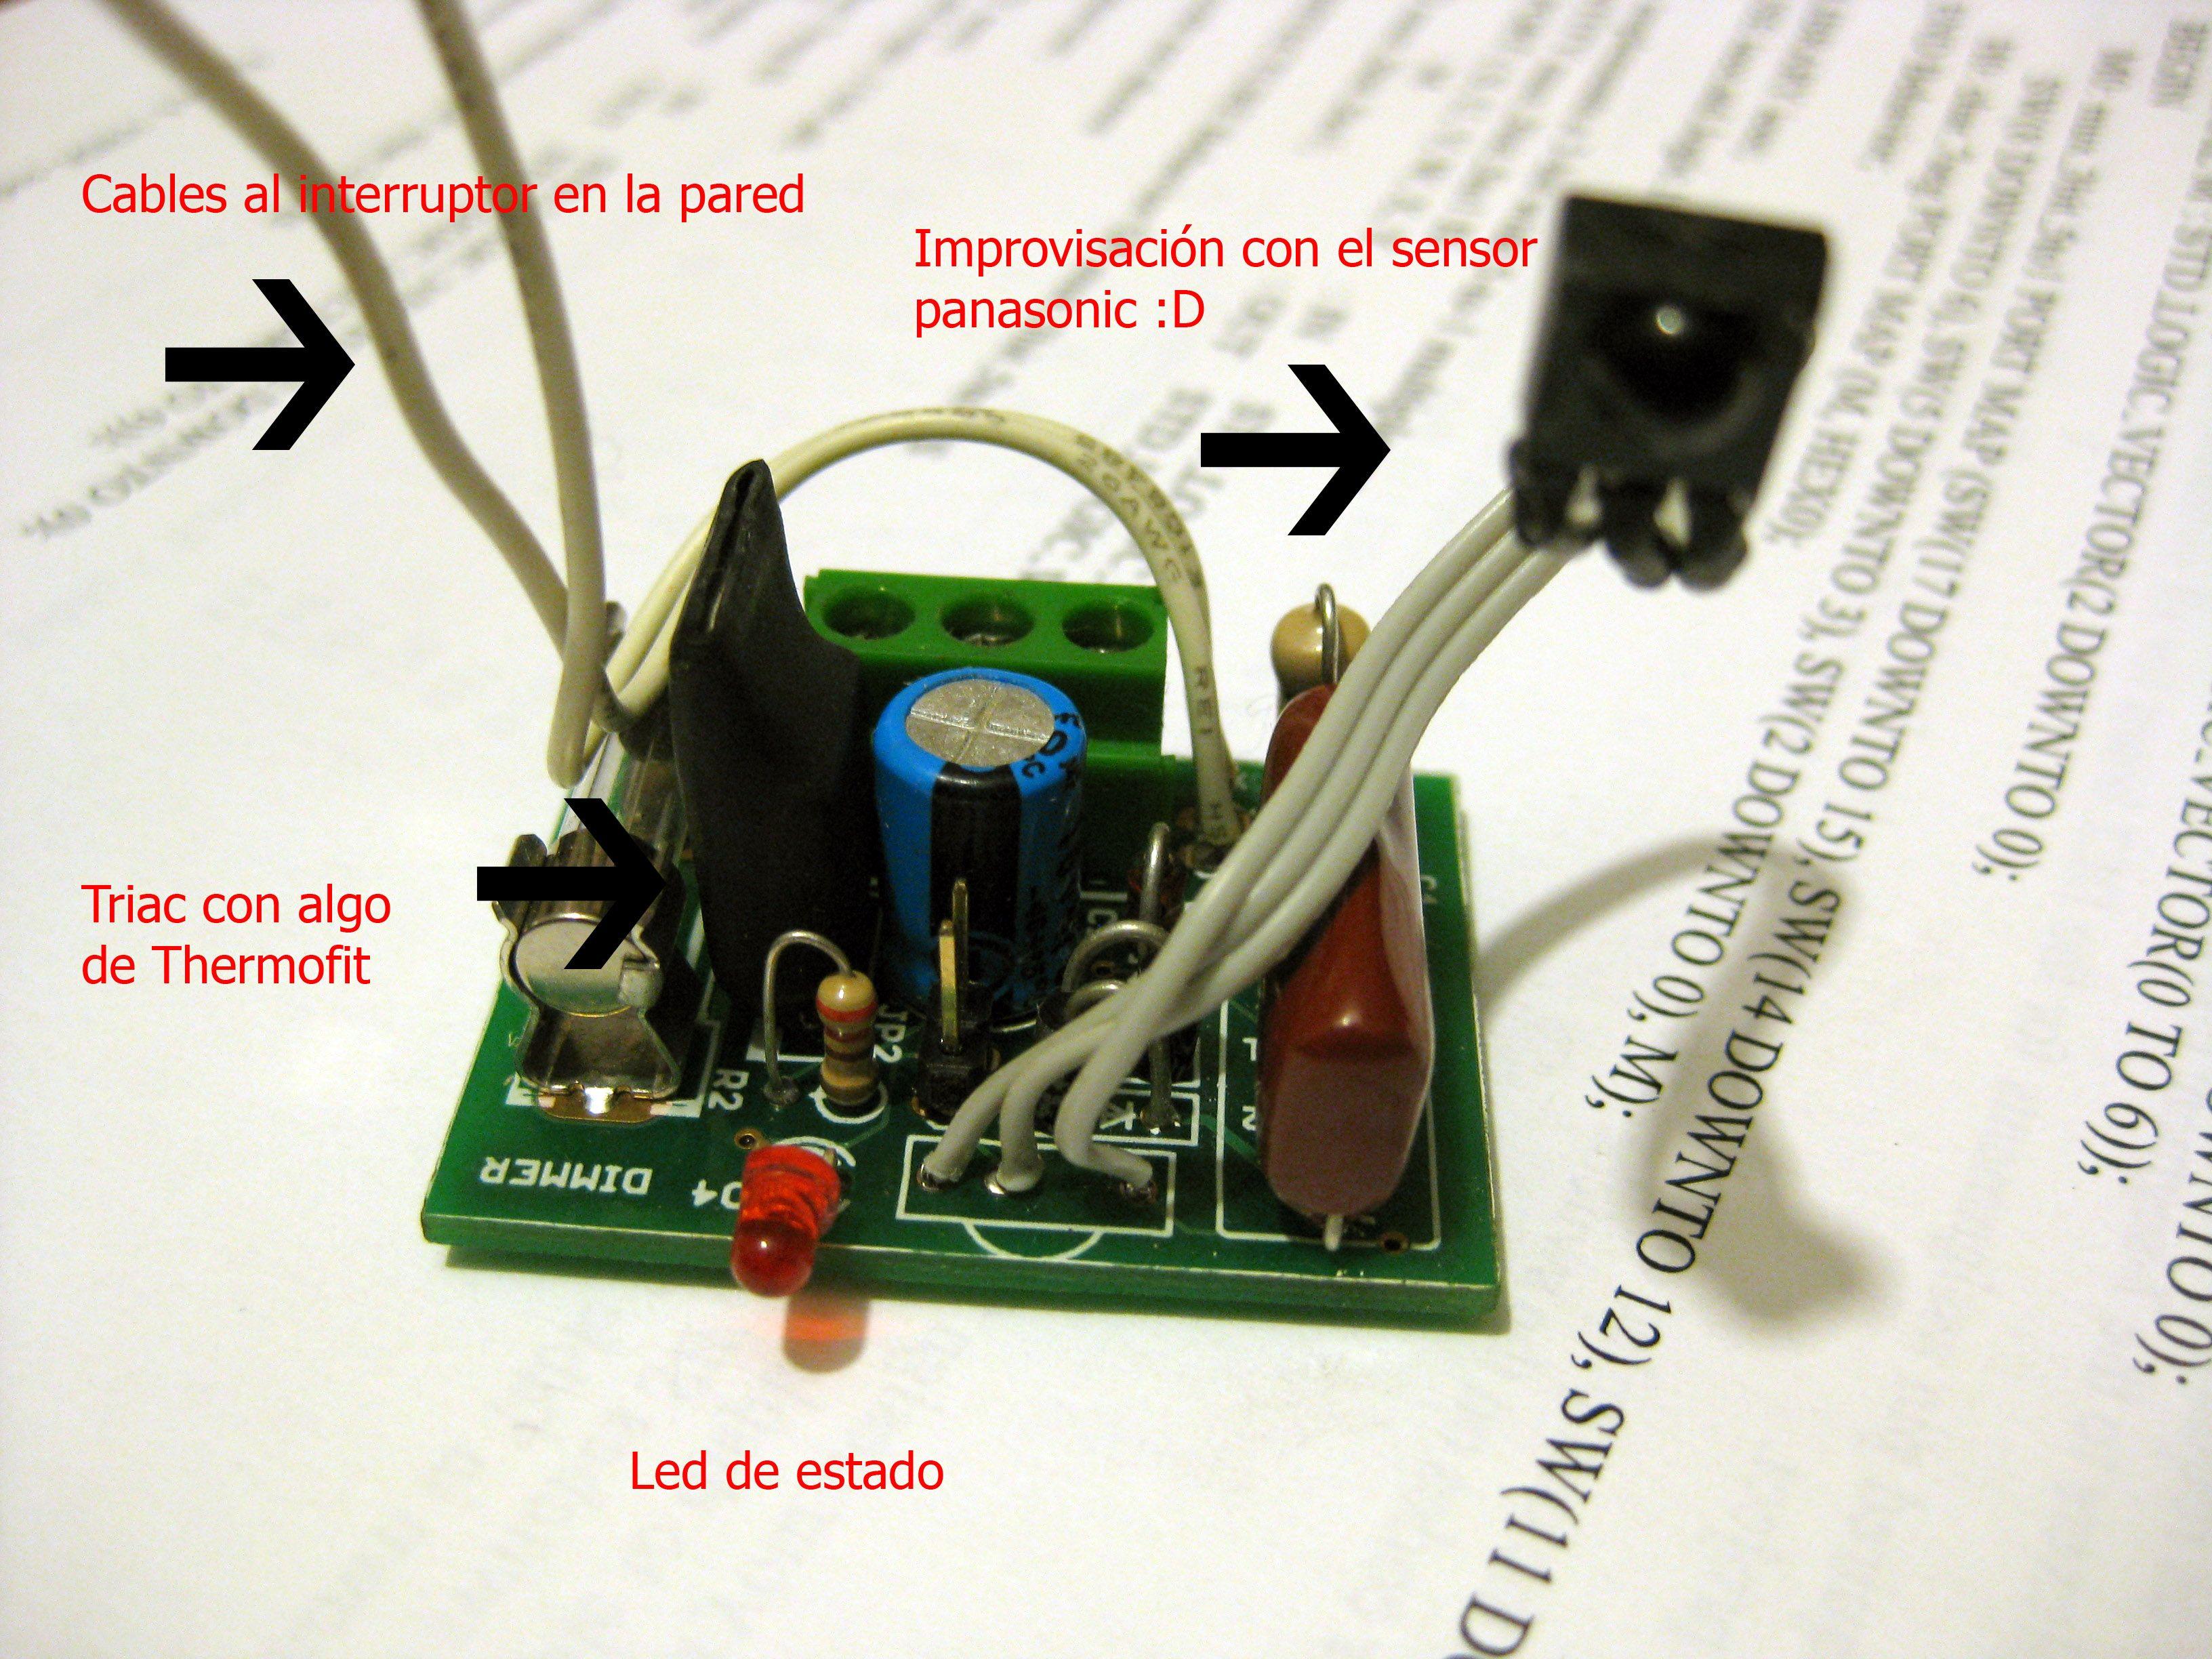 Conexiones y partes del prototipo